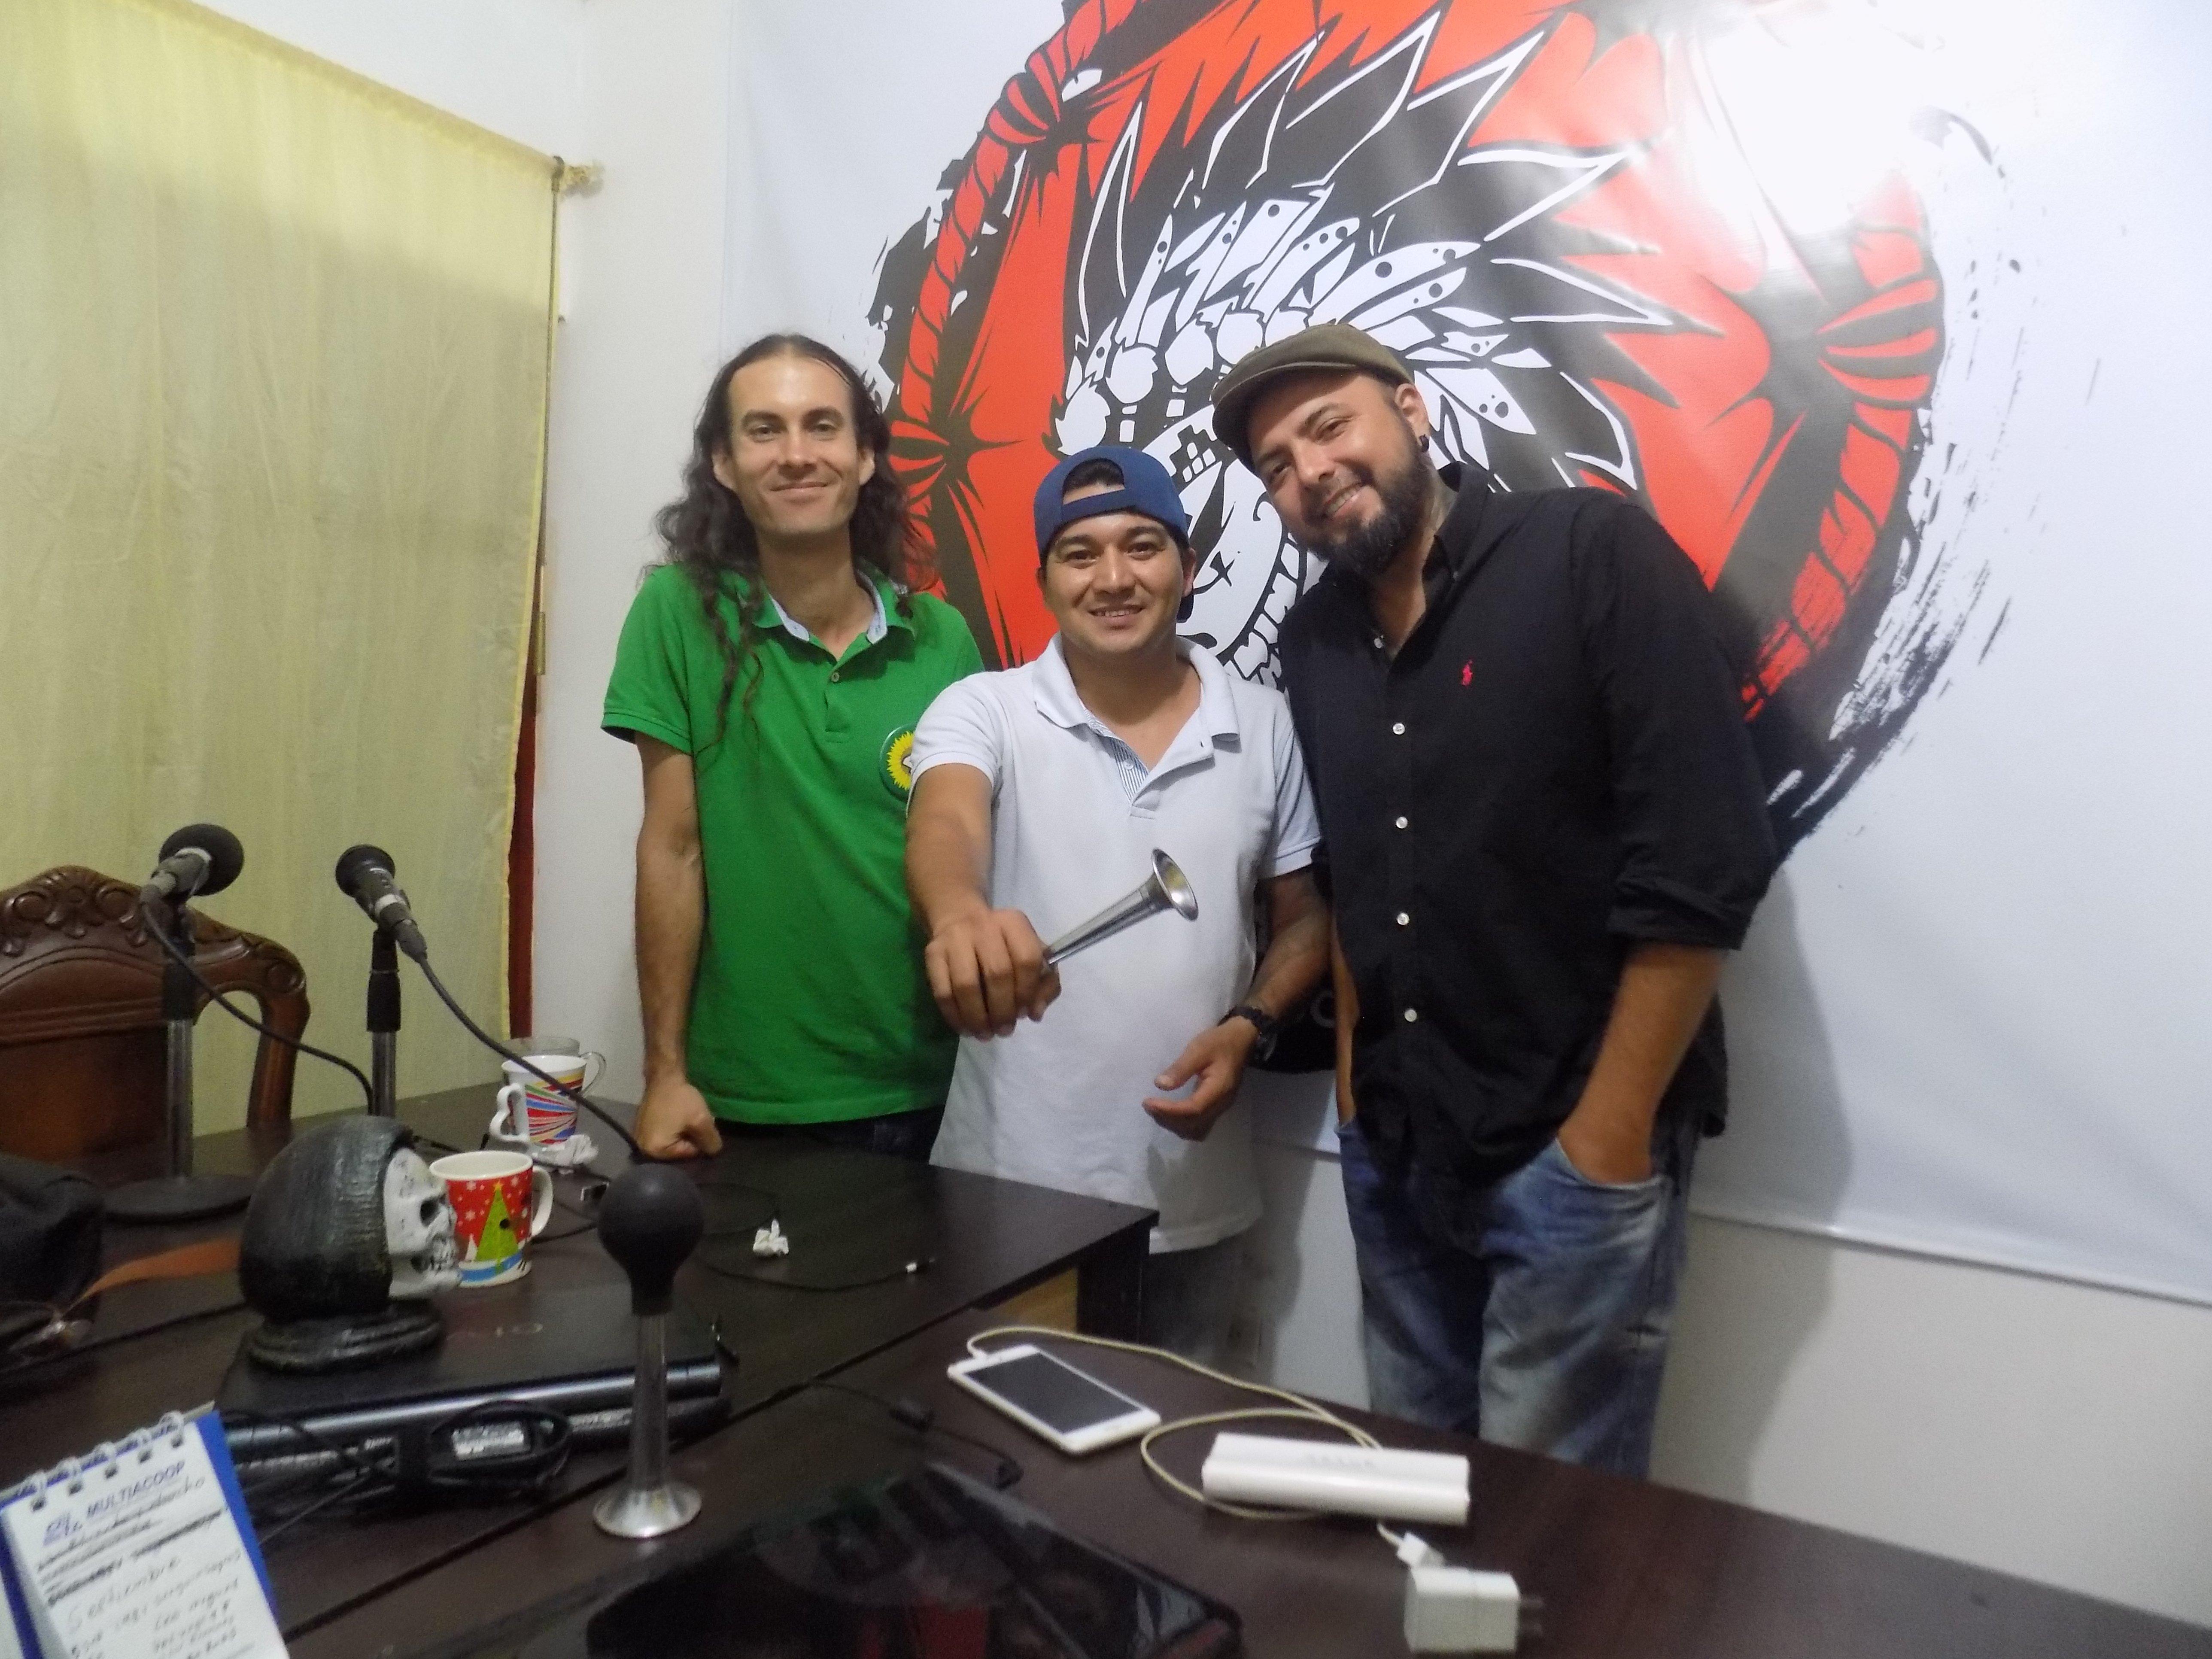 ENTREVISTA EN PACHICHANIANDO CON DAVIS TRAVIS Y TERRY HURTADO - DSCN0027